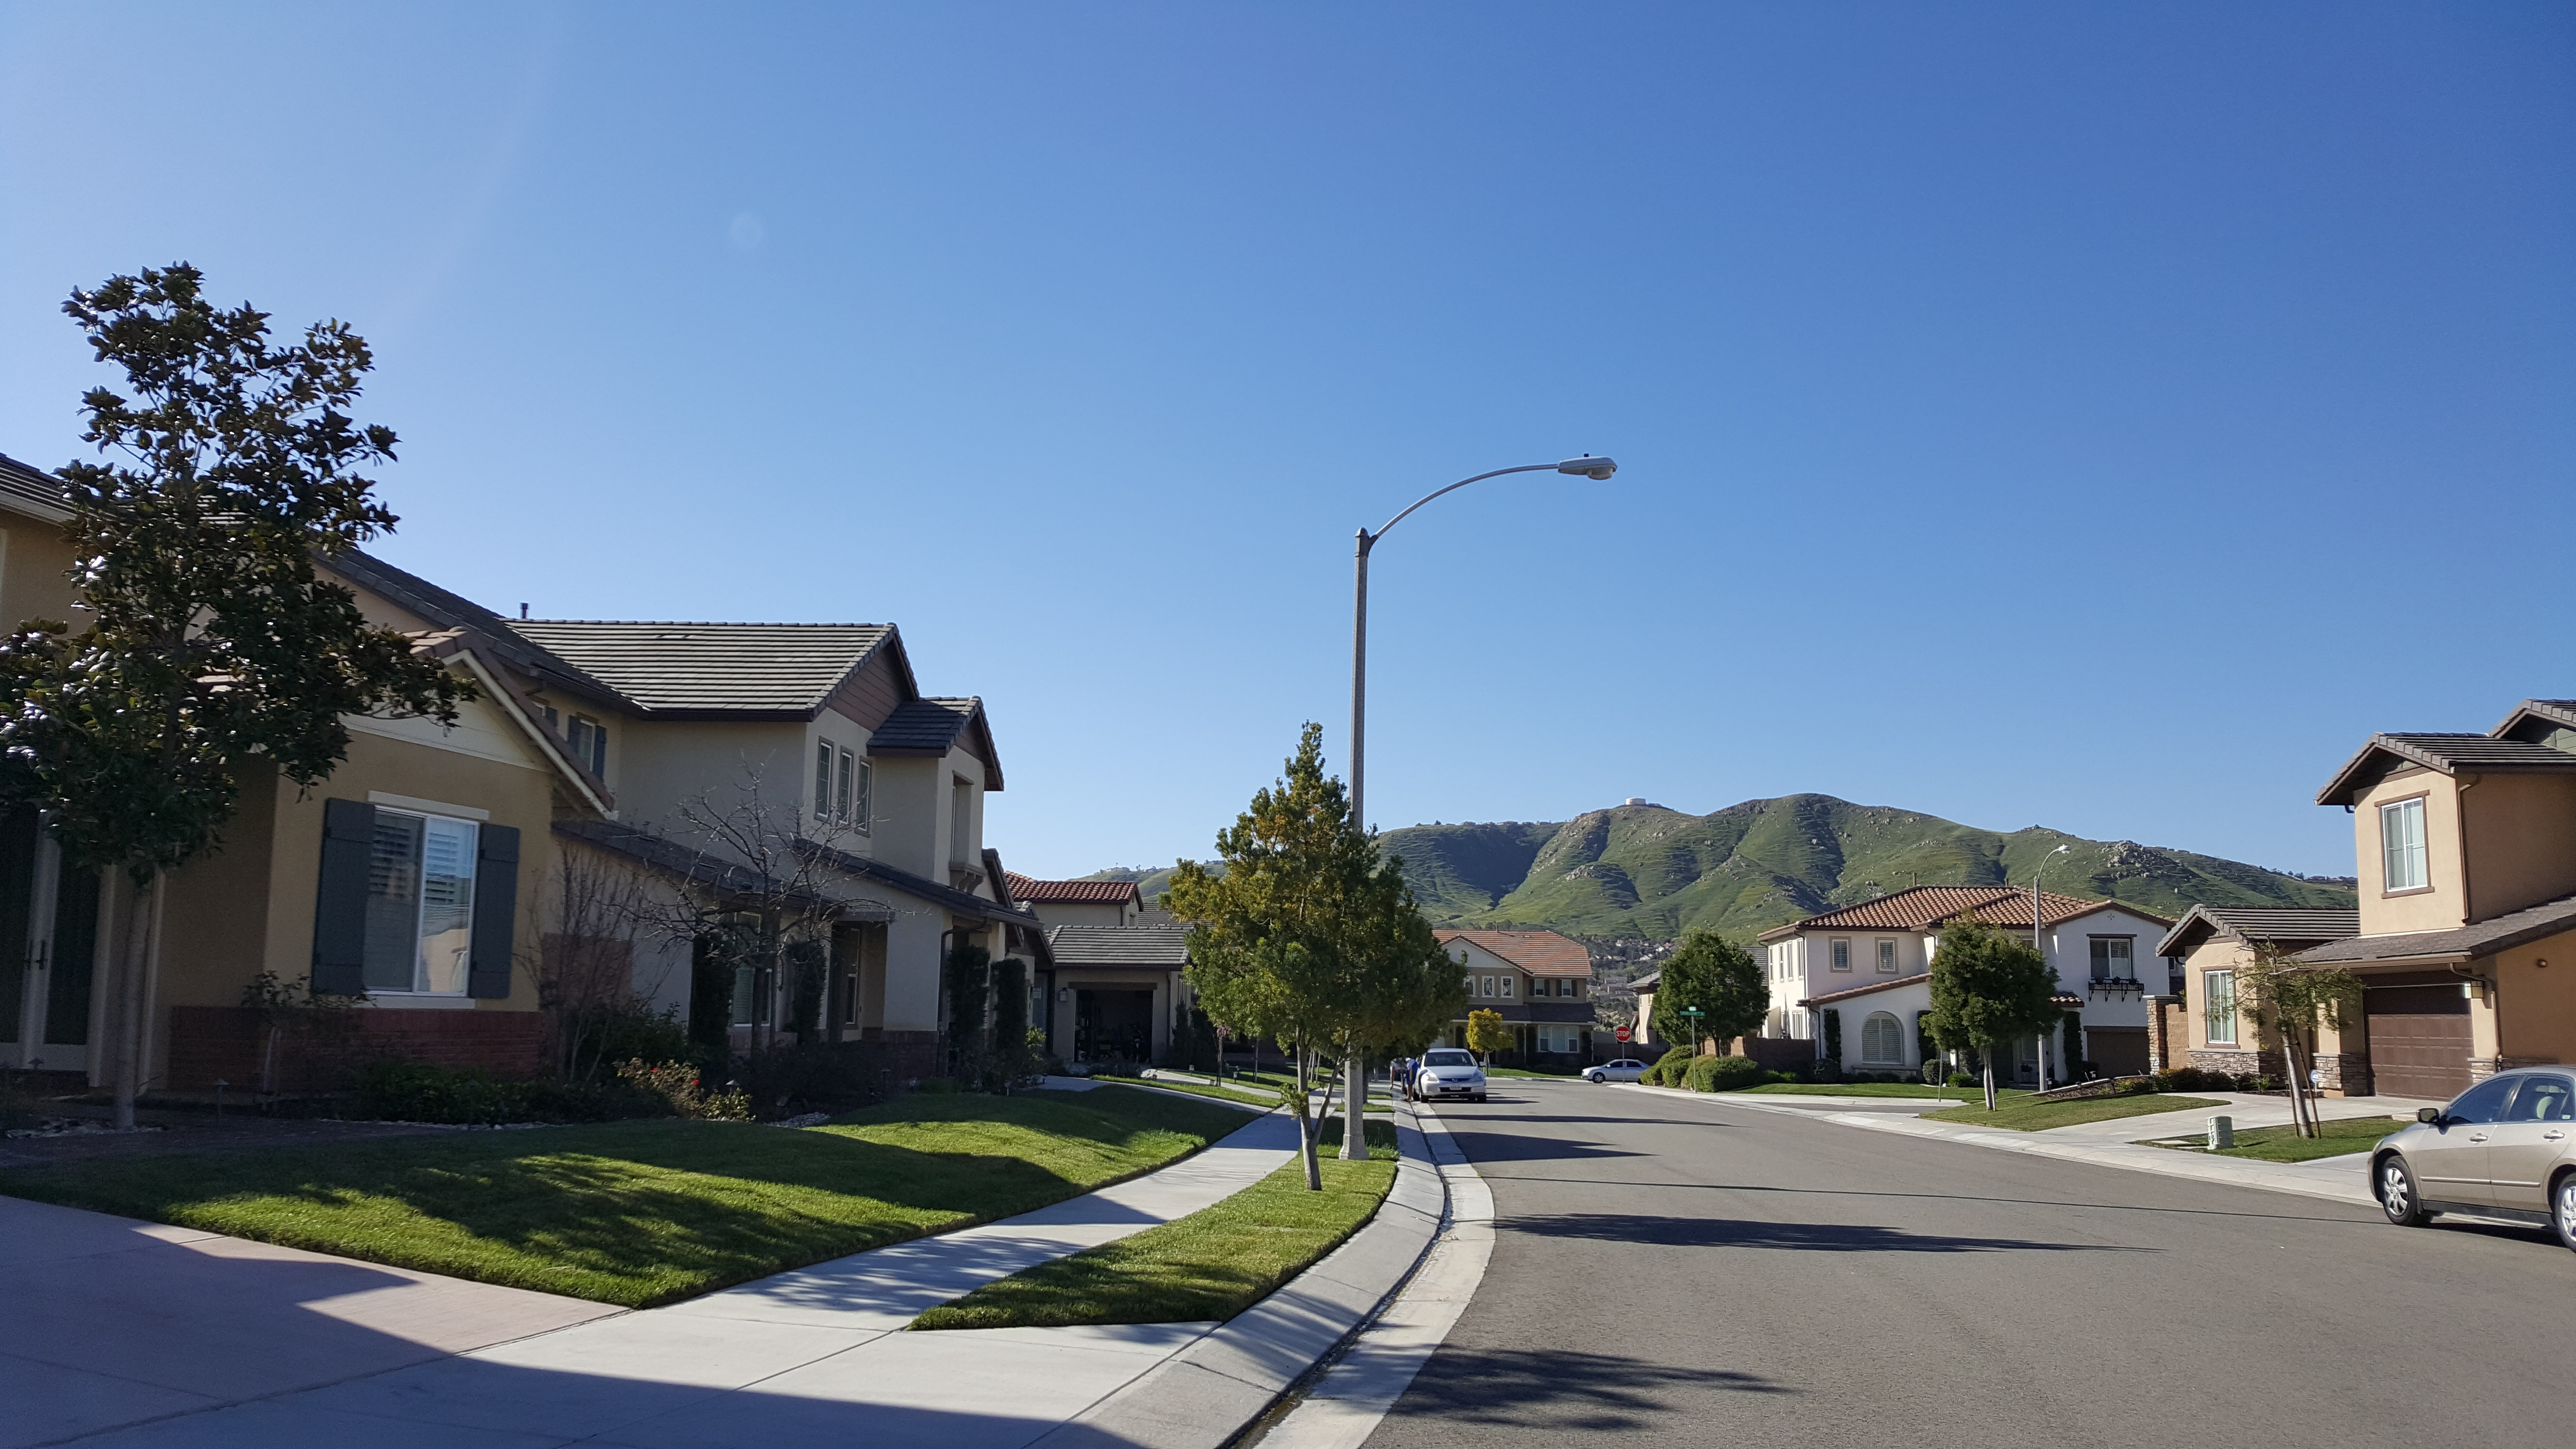 RWV street